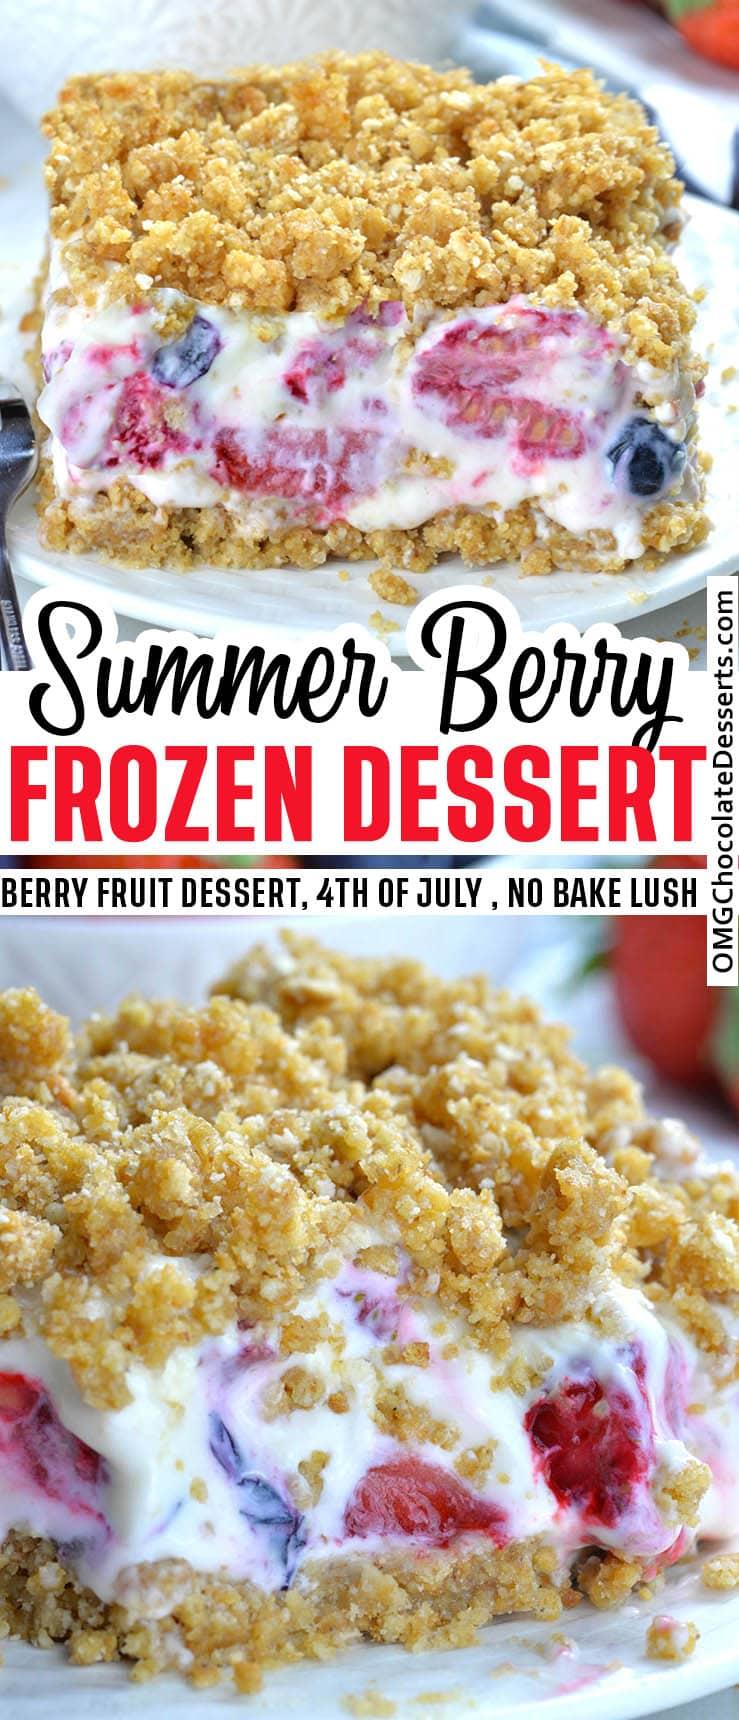 Summer Berry Frozen Dessert